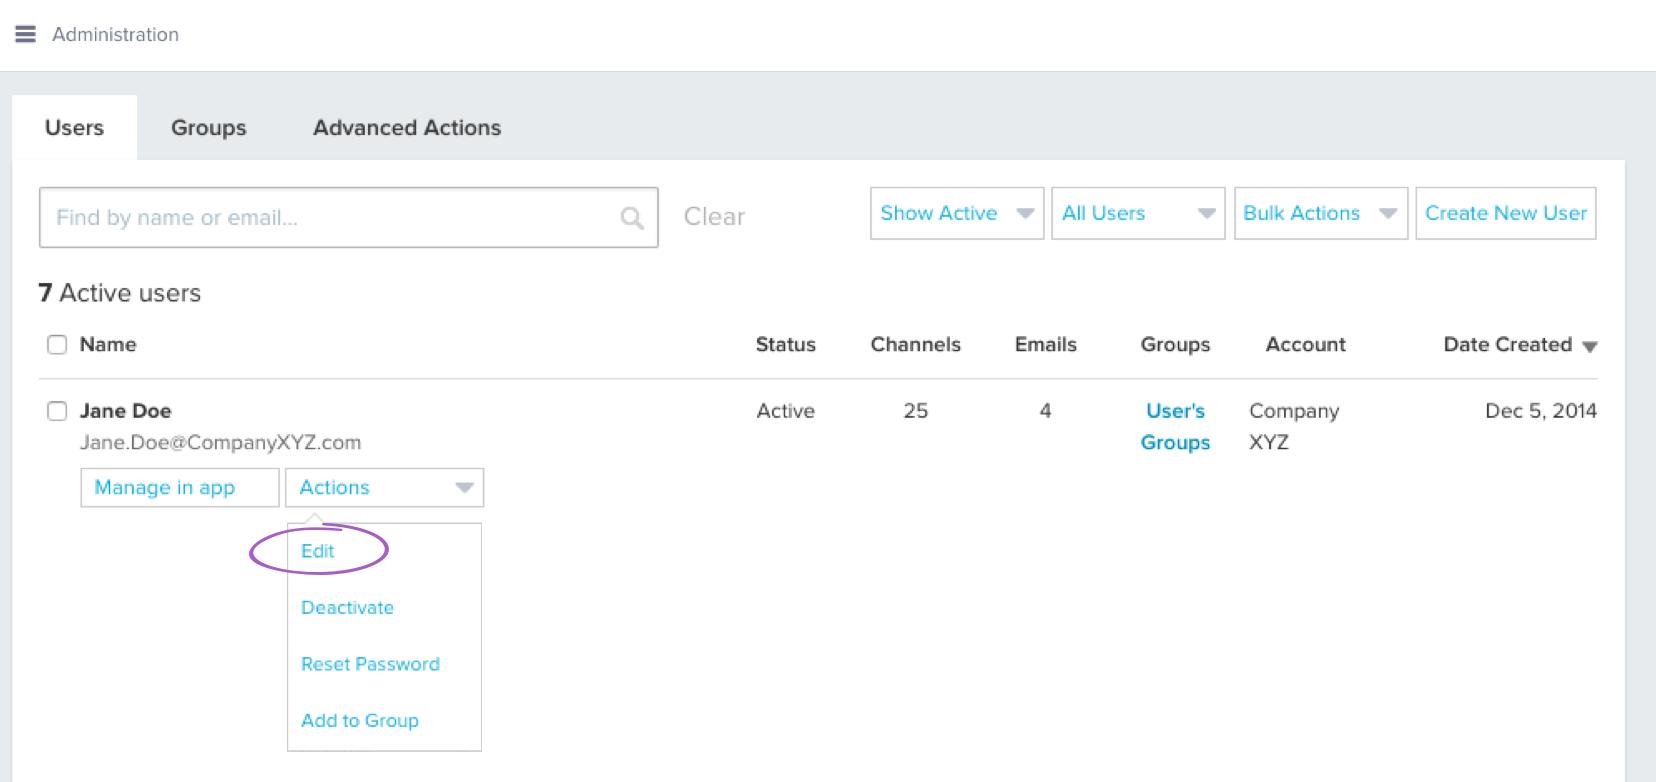 Admin Actions Edit